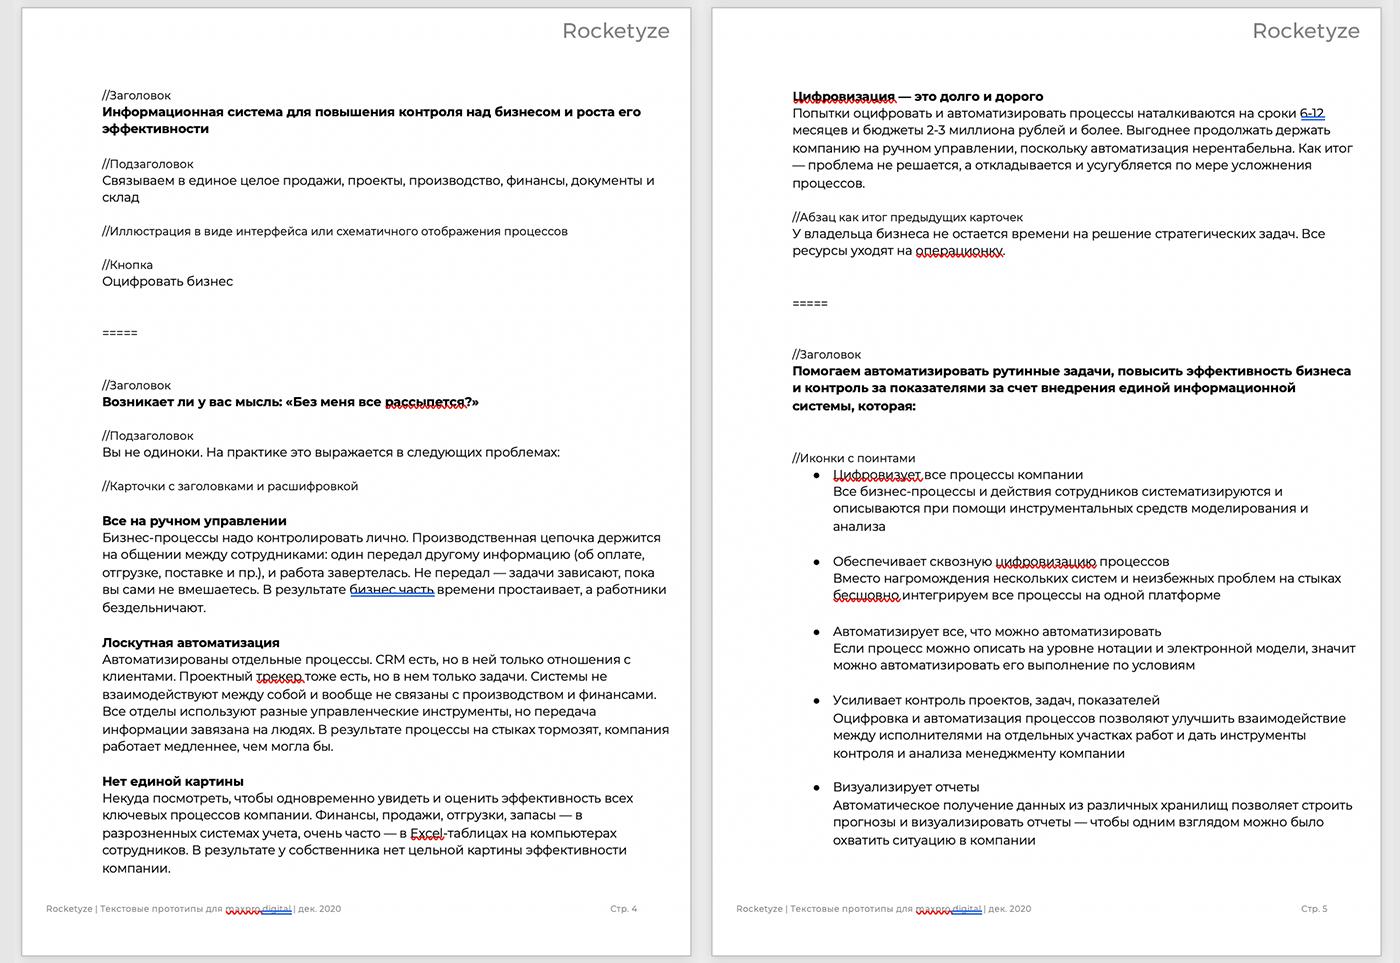 текстовый прототип лендинга